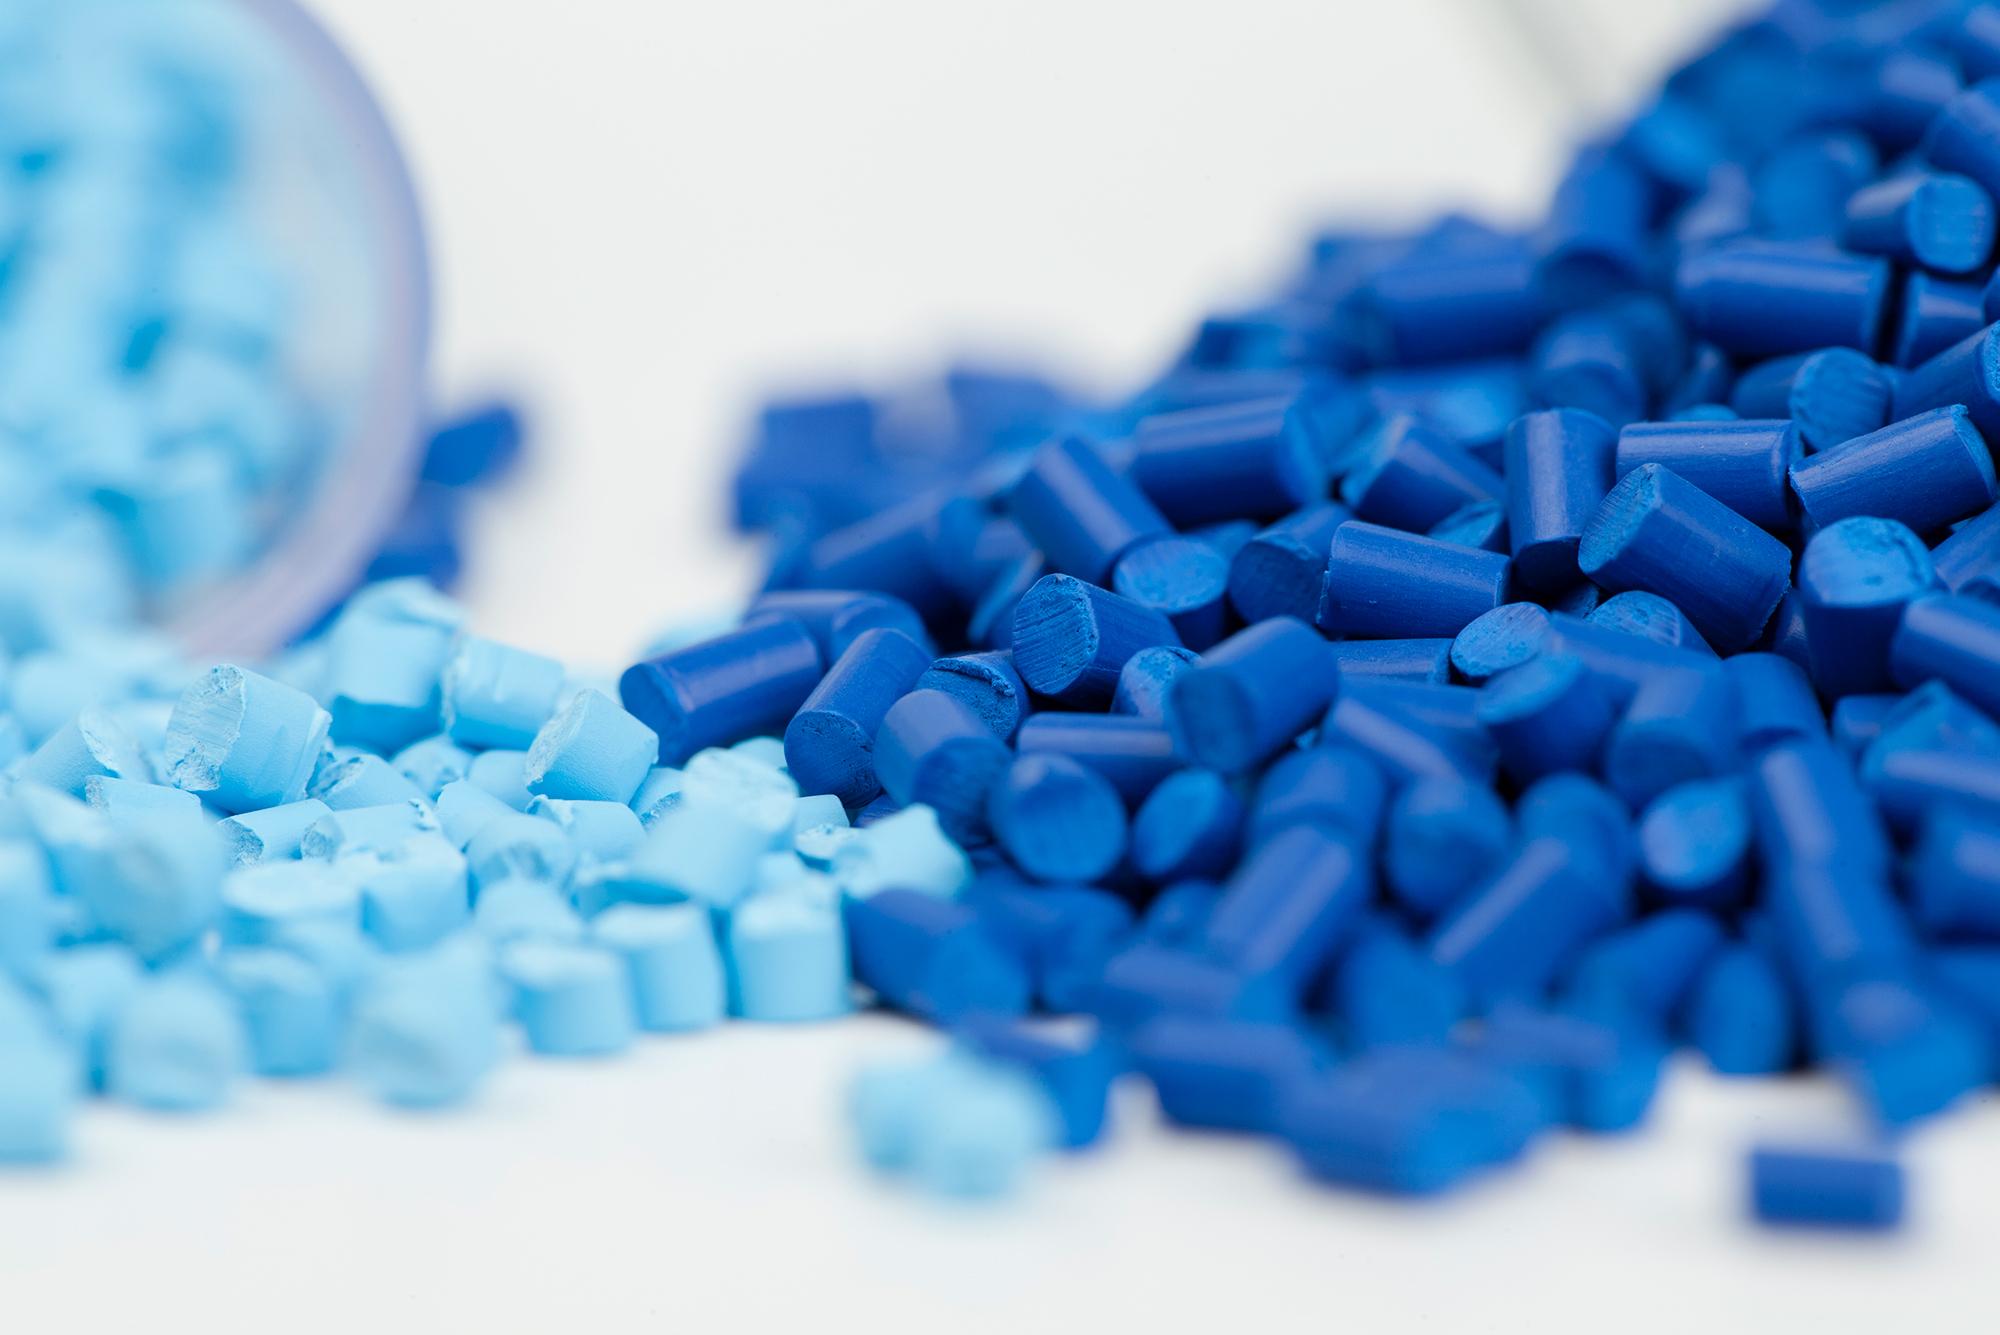 Mezcla de polímeros